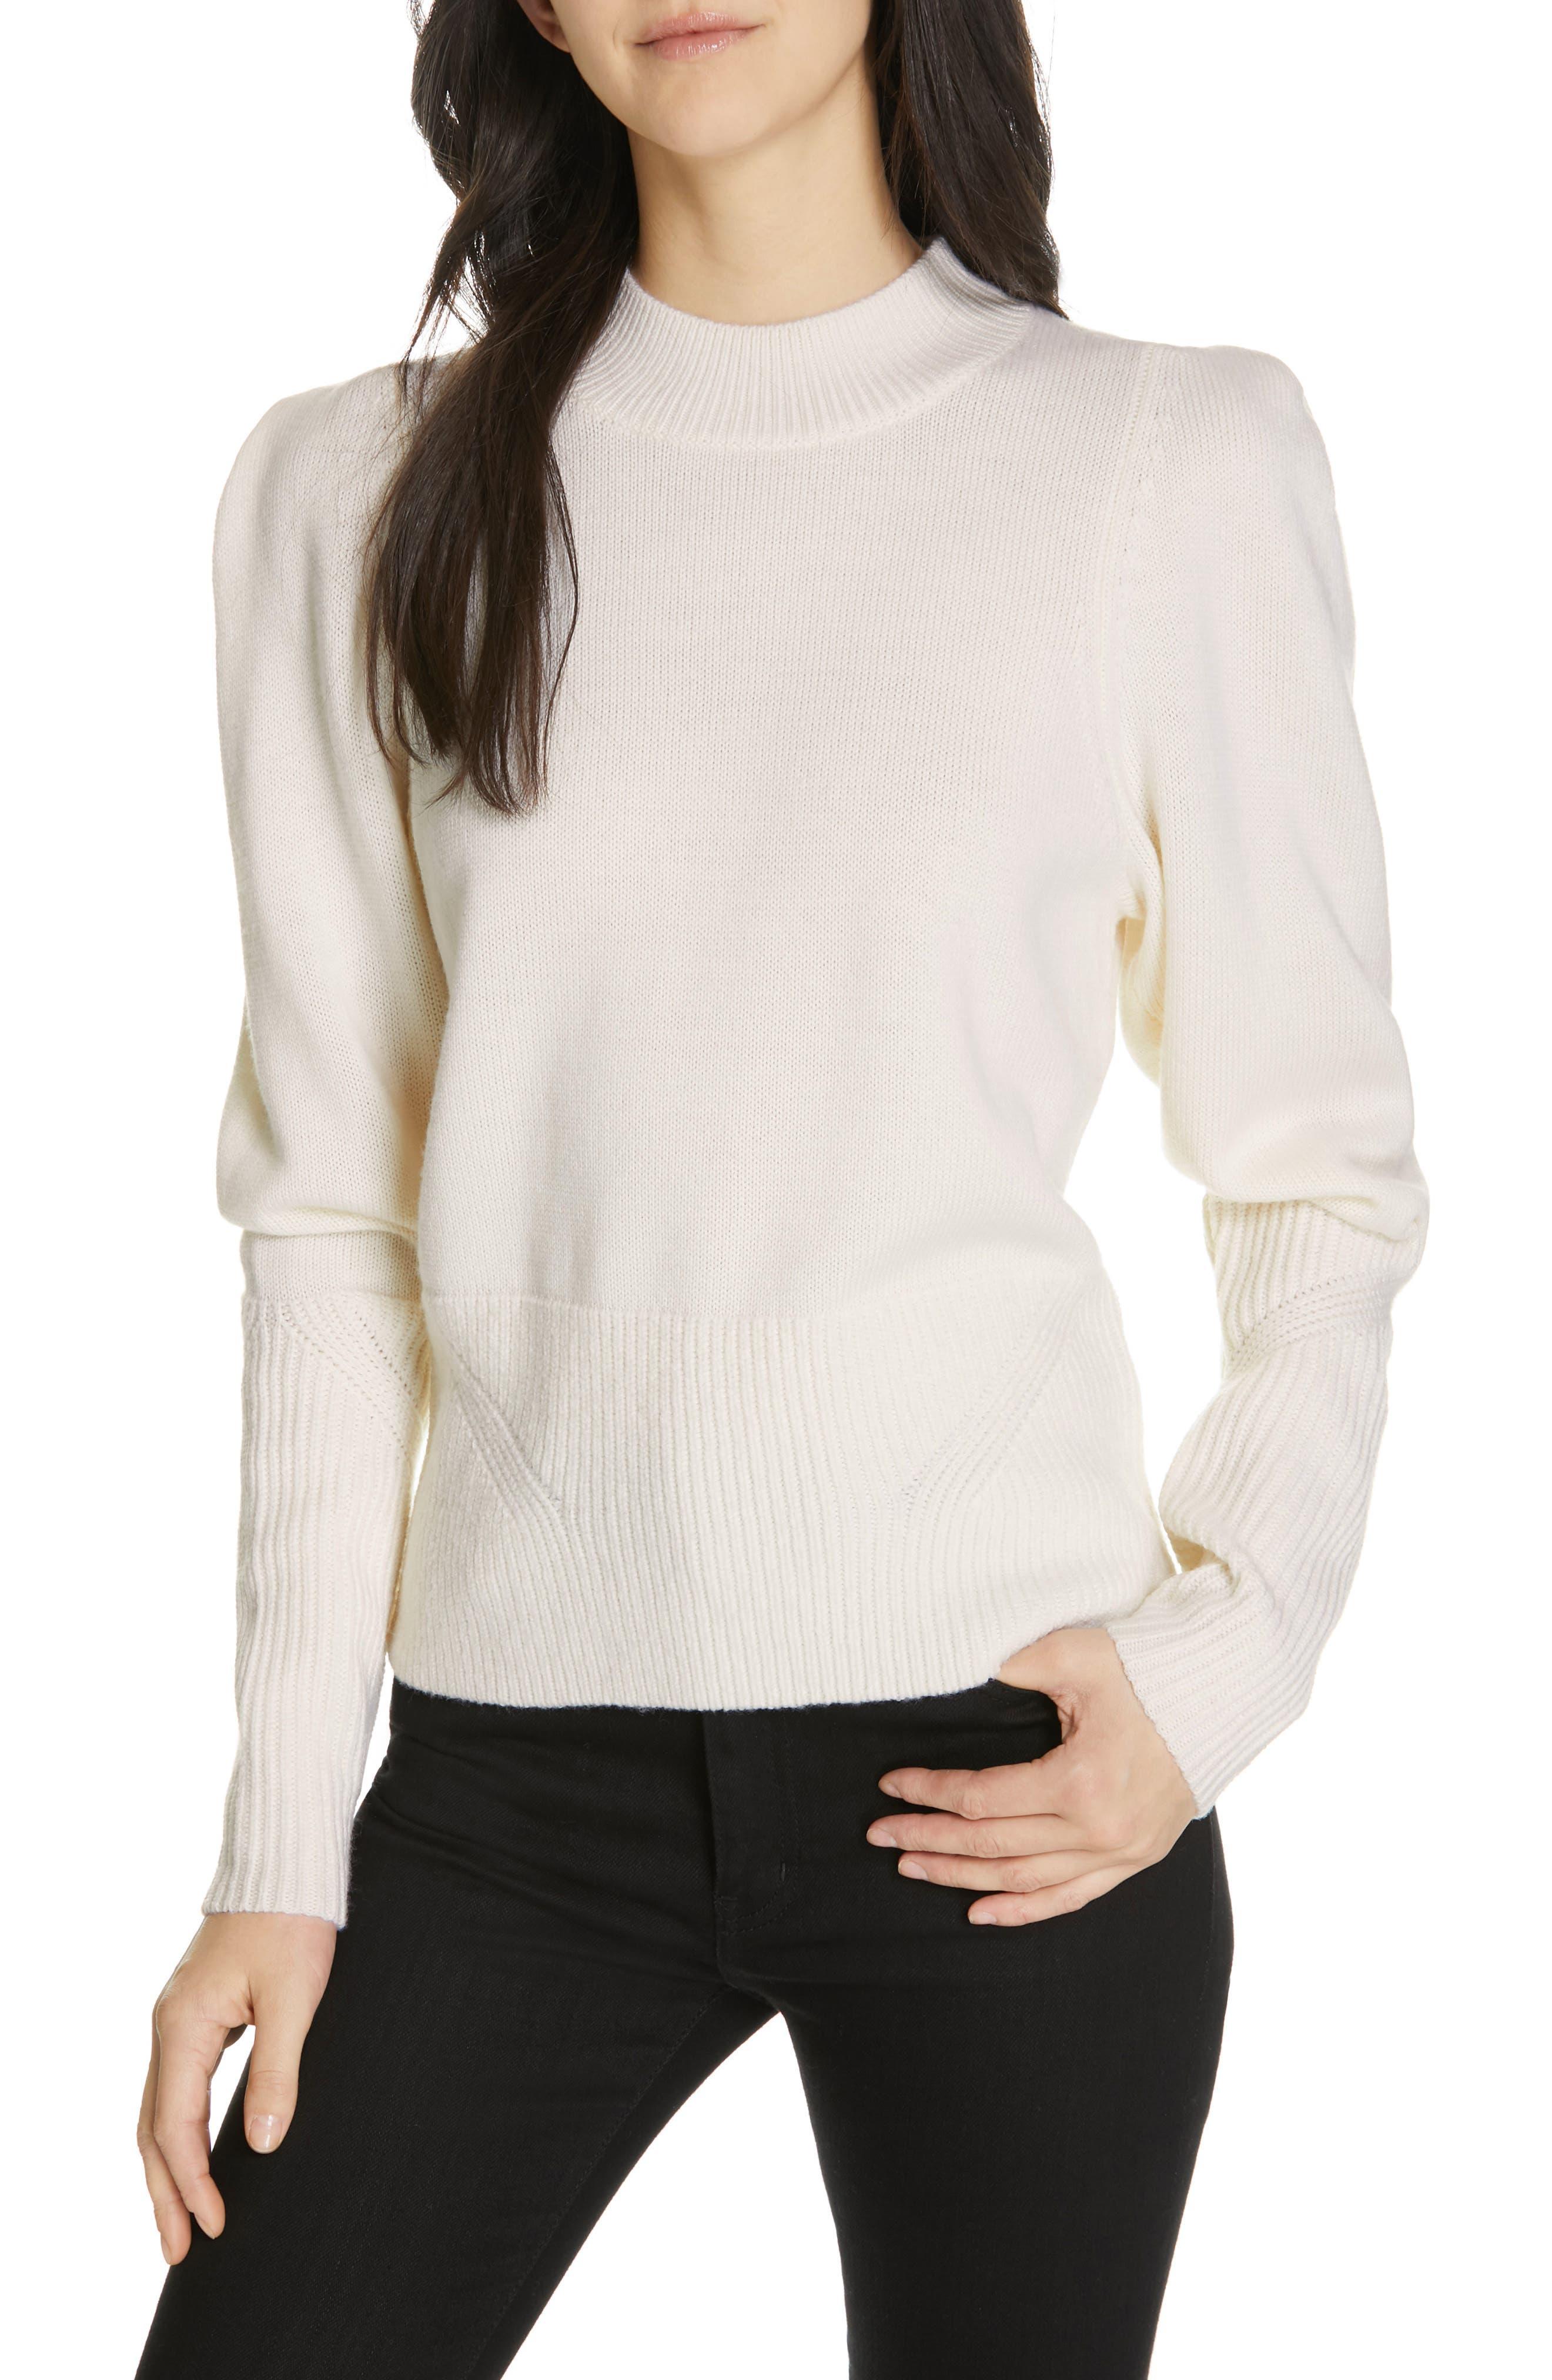 JOIE Marquetta Sweater, Main, color, 100